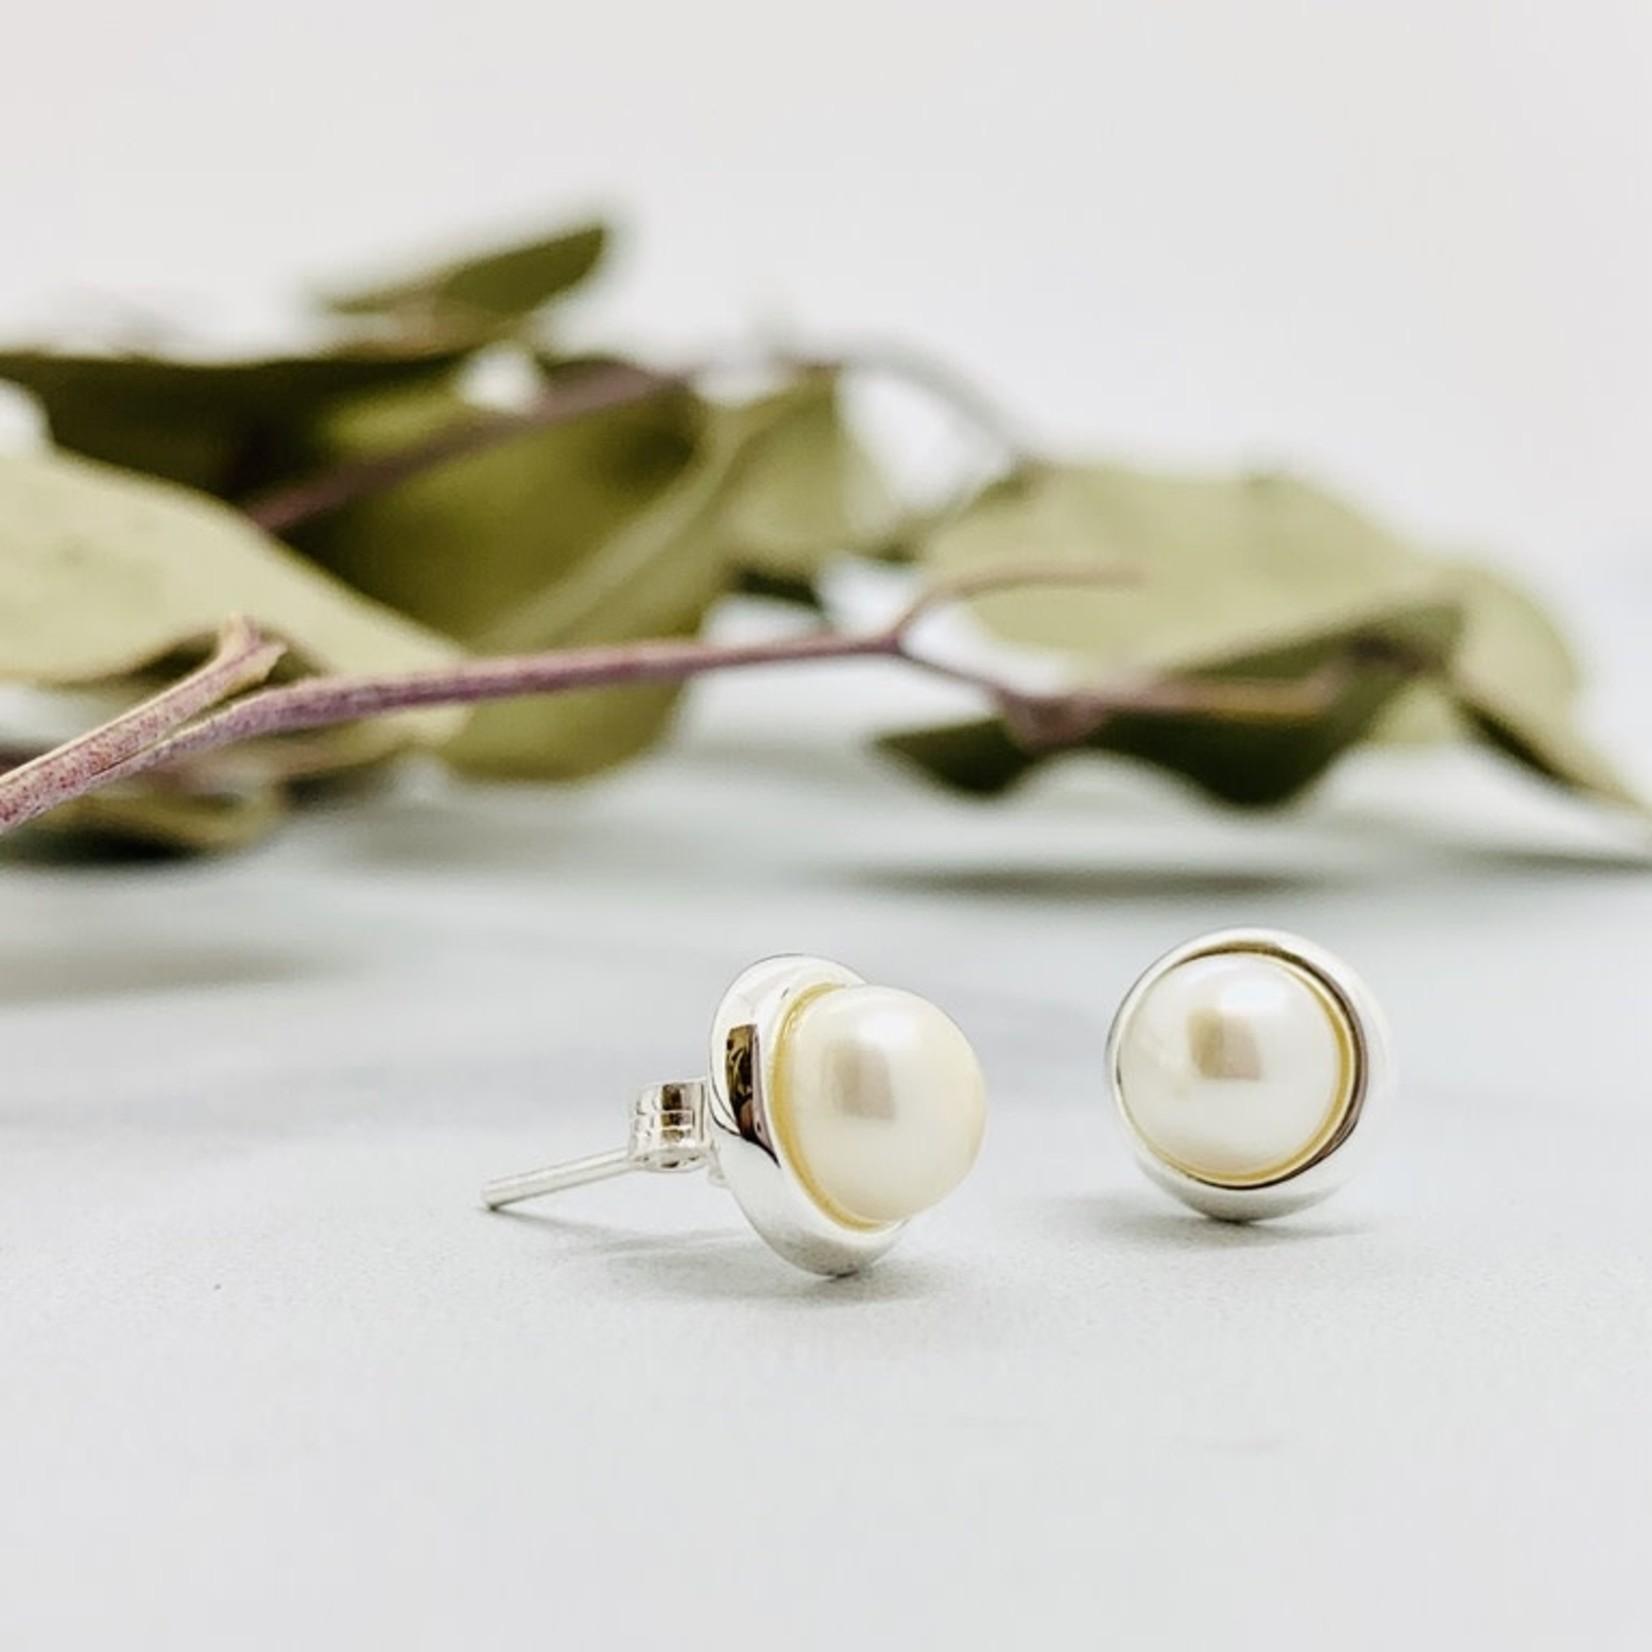 FW Pearl 6mm Button Stud Earrings